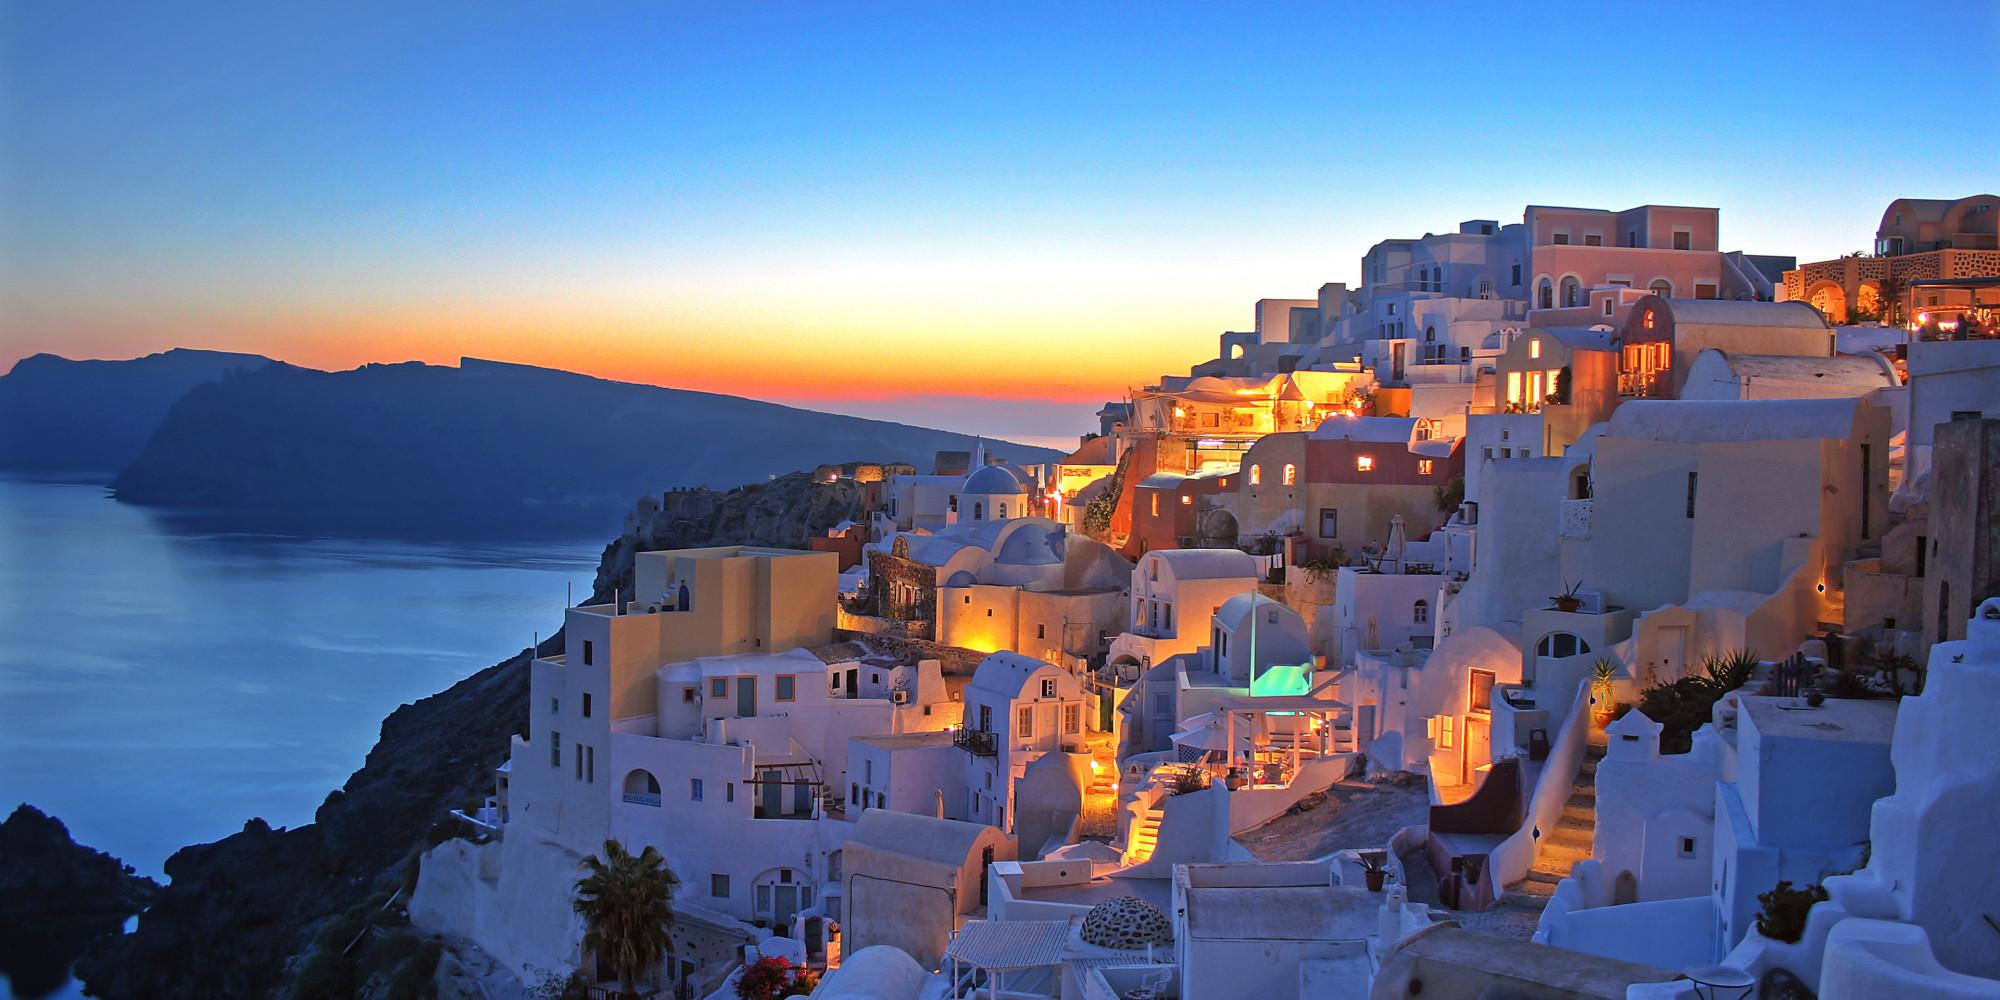 Dove comprare casa al mare in europa voglio vivere cos - Immobiliare spagna ...